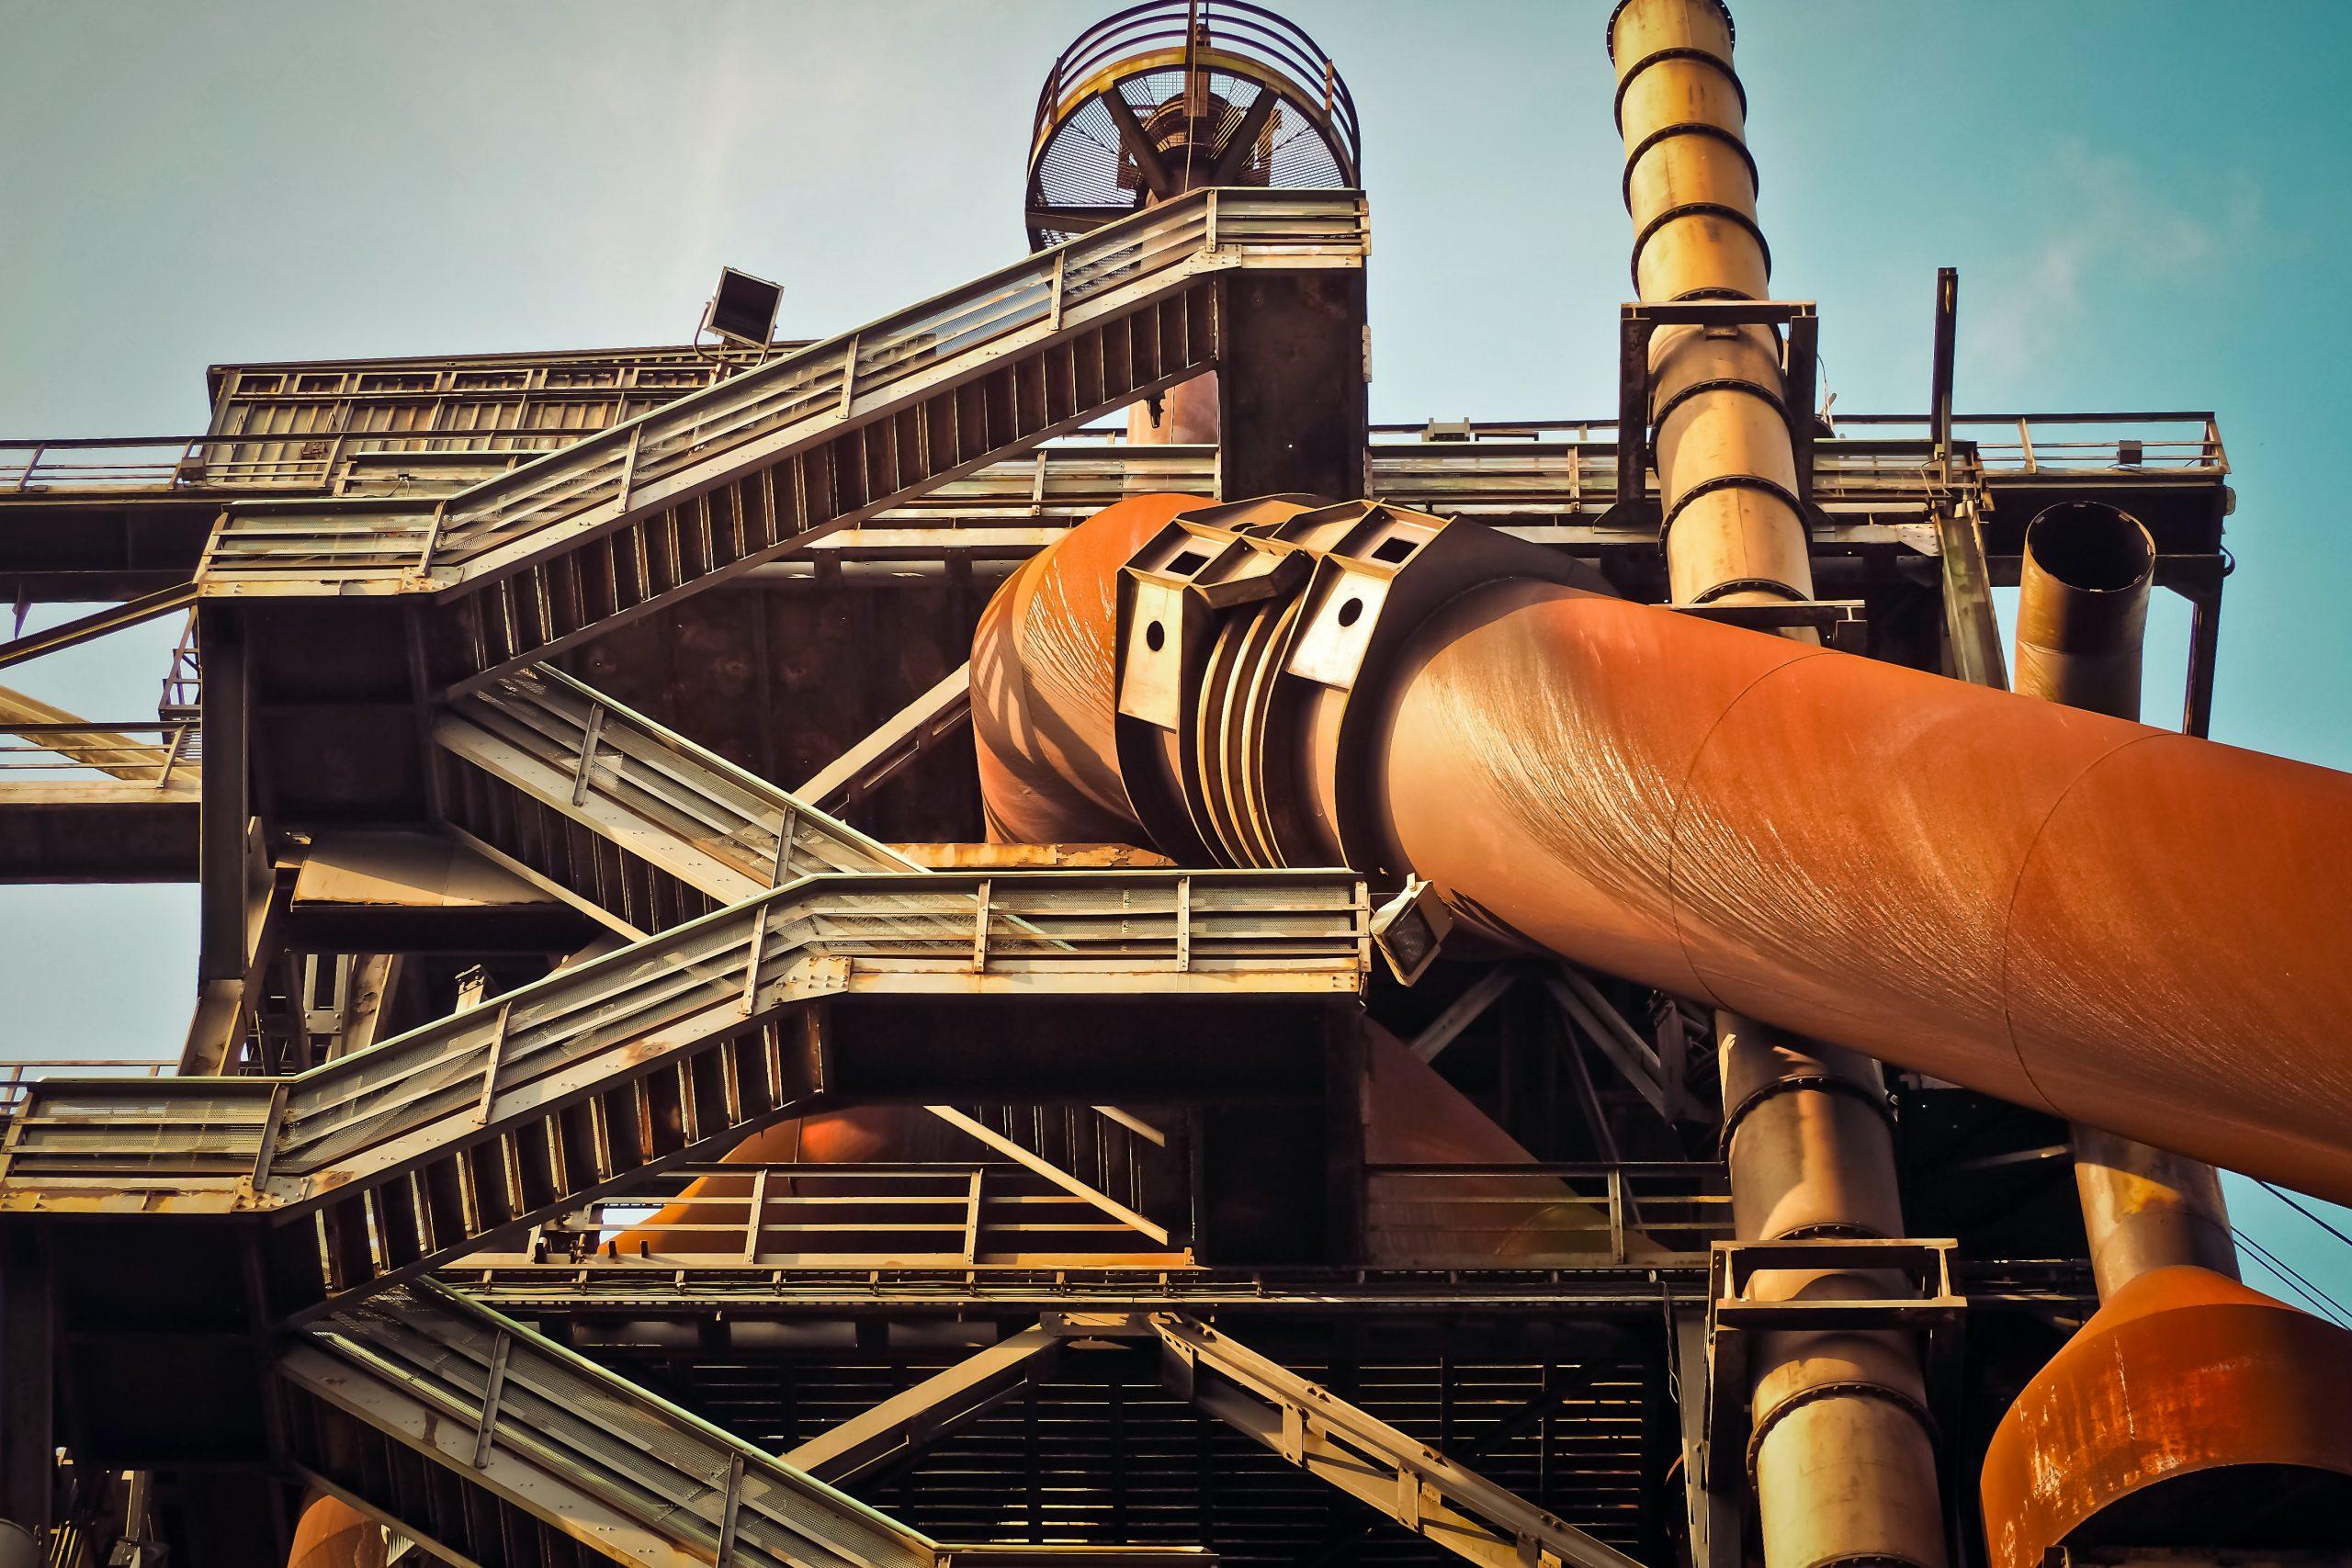 industrial corroed pipelines